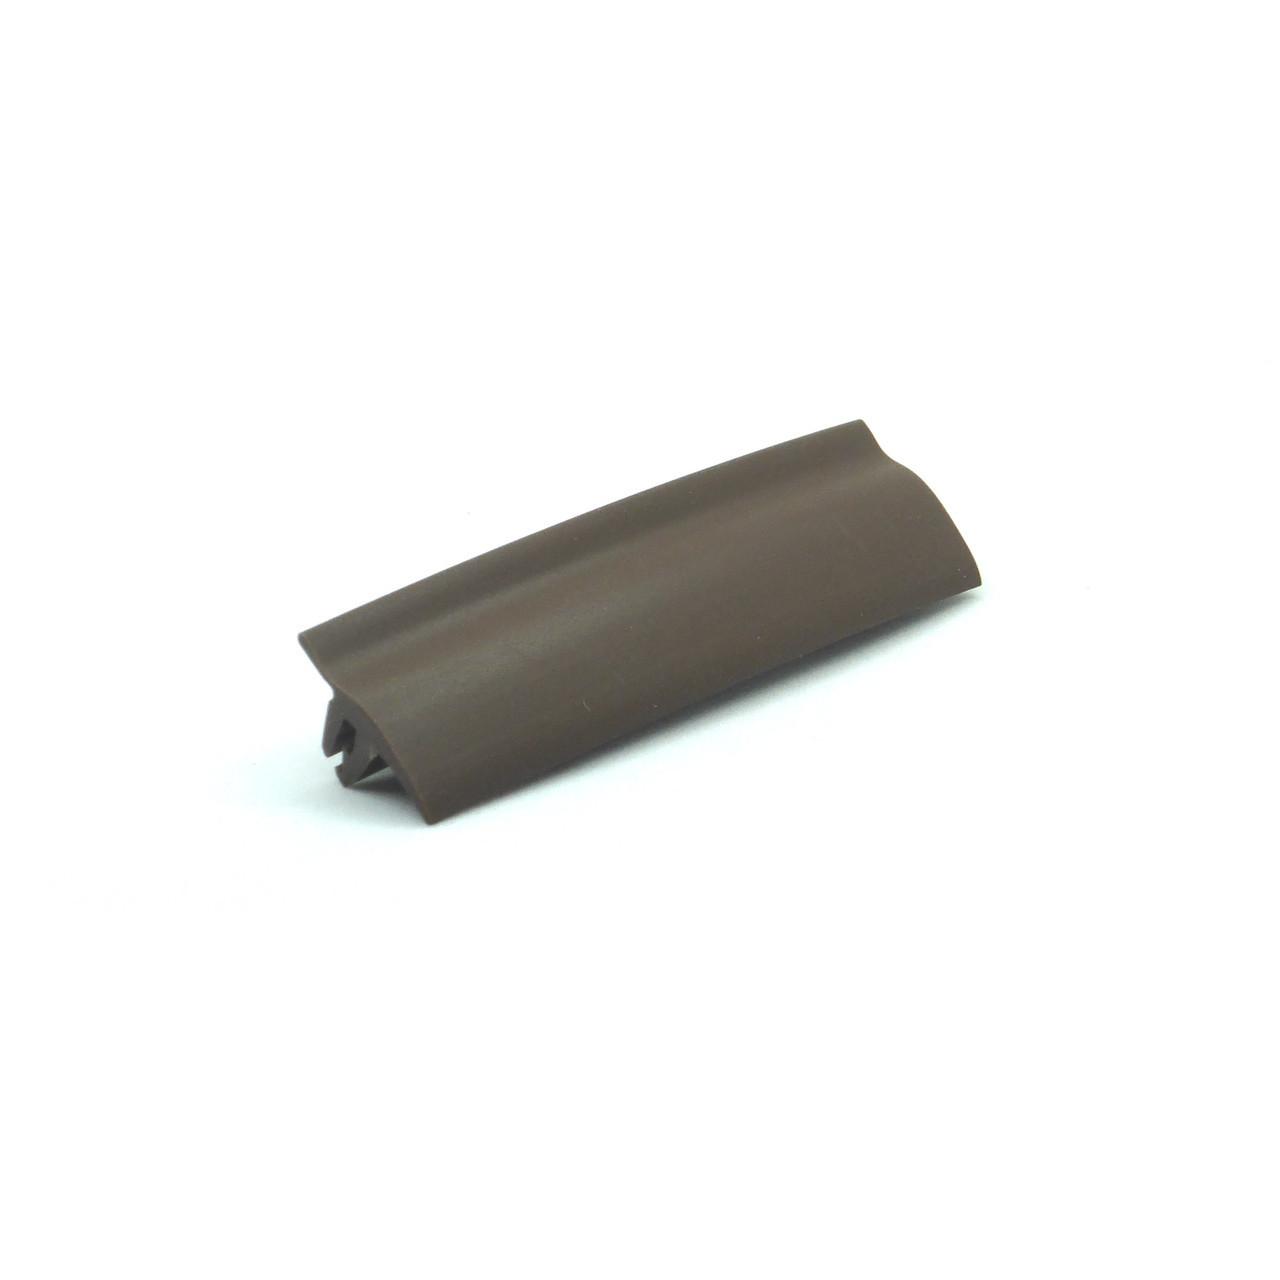 Вставка заглушка декоративная - L577. Широкая - 14 мм